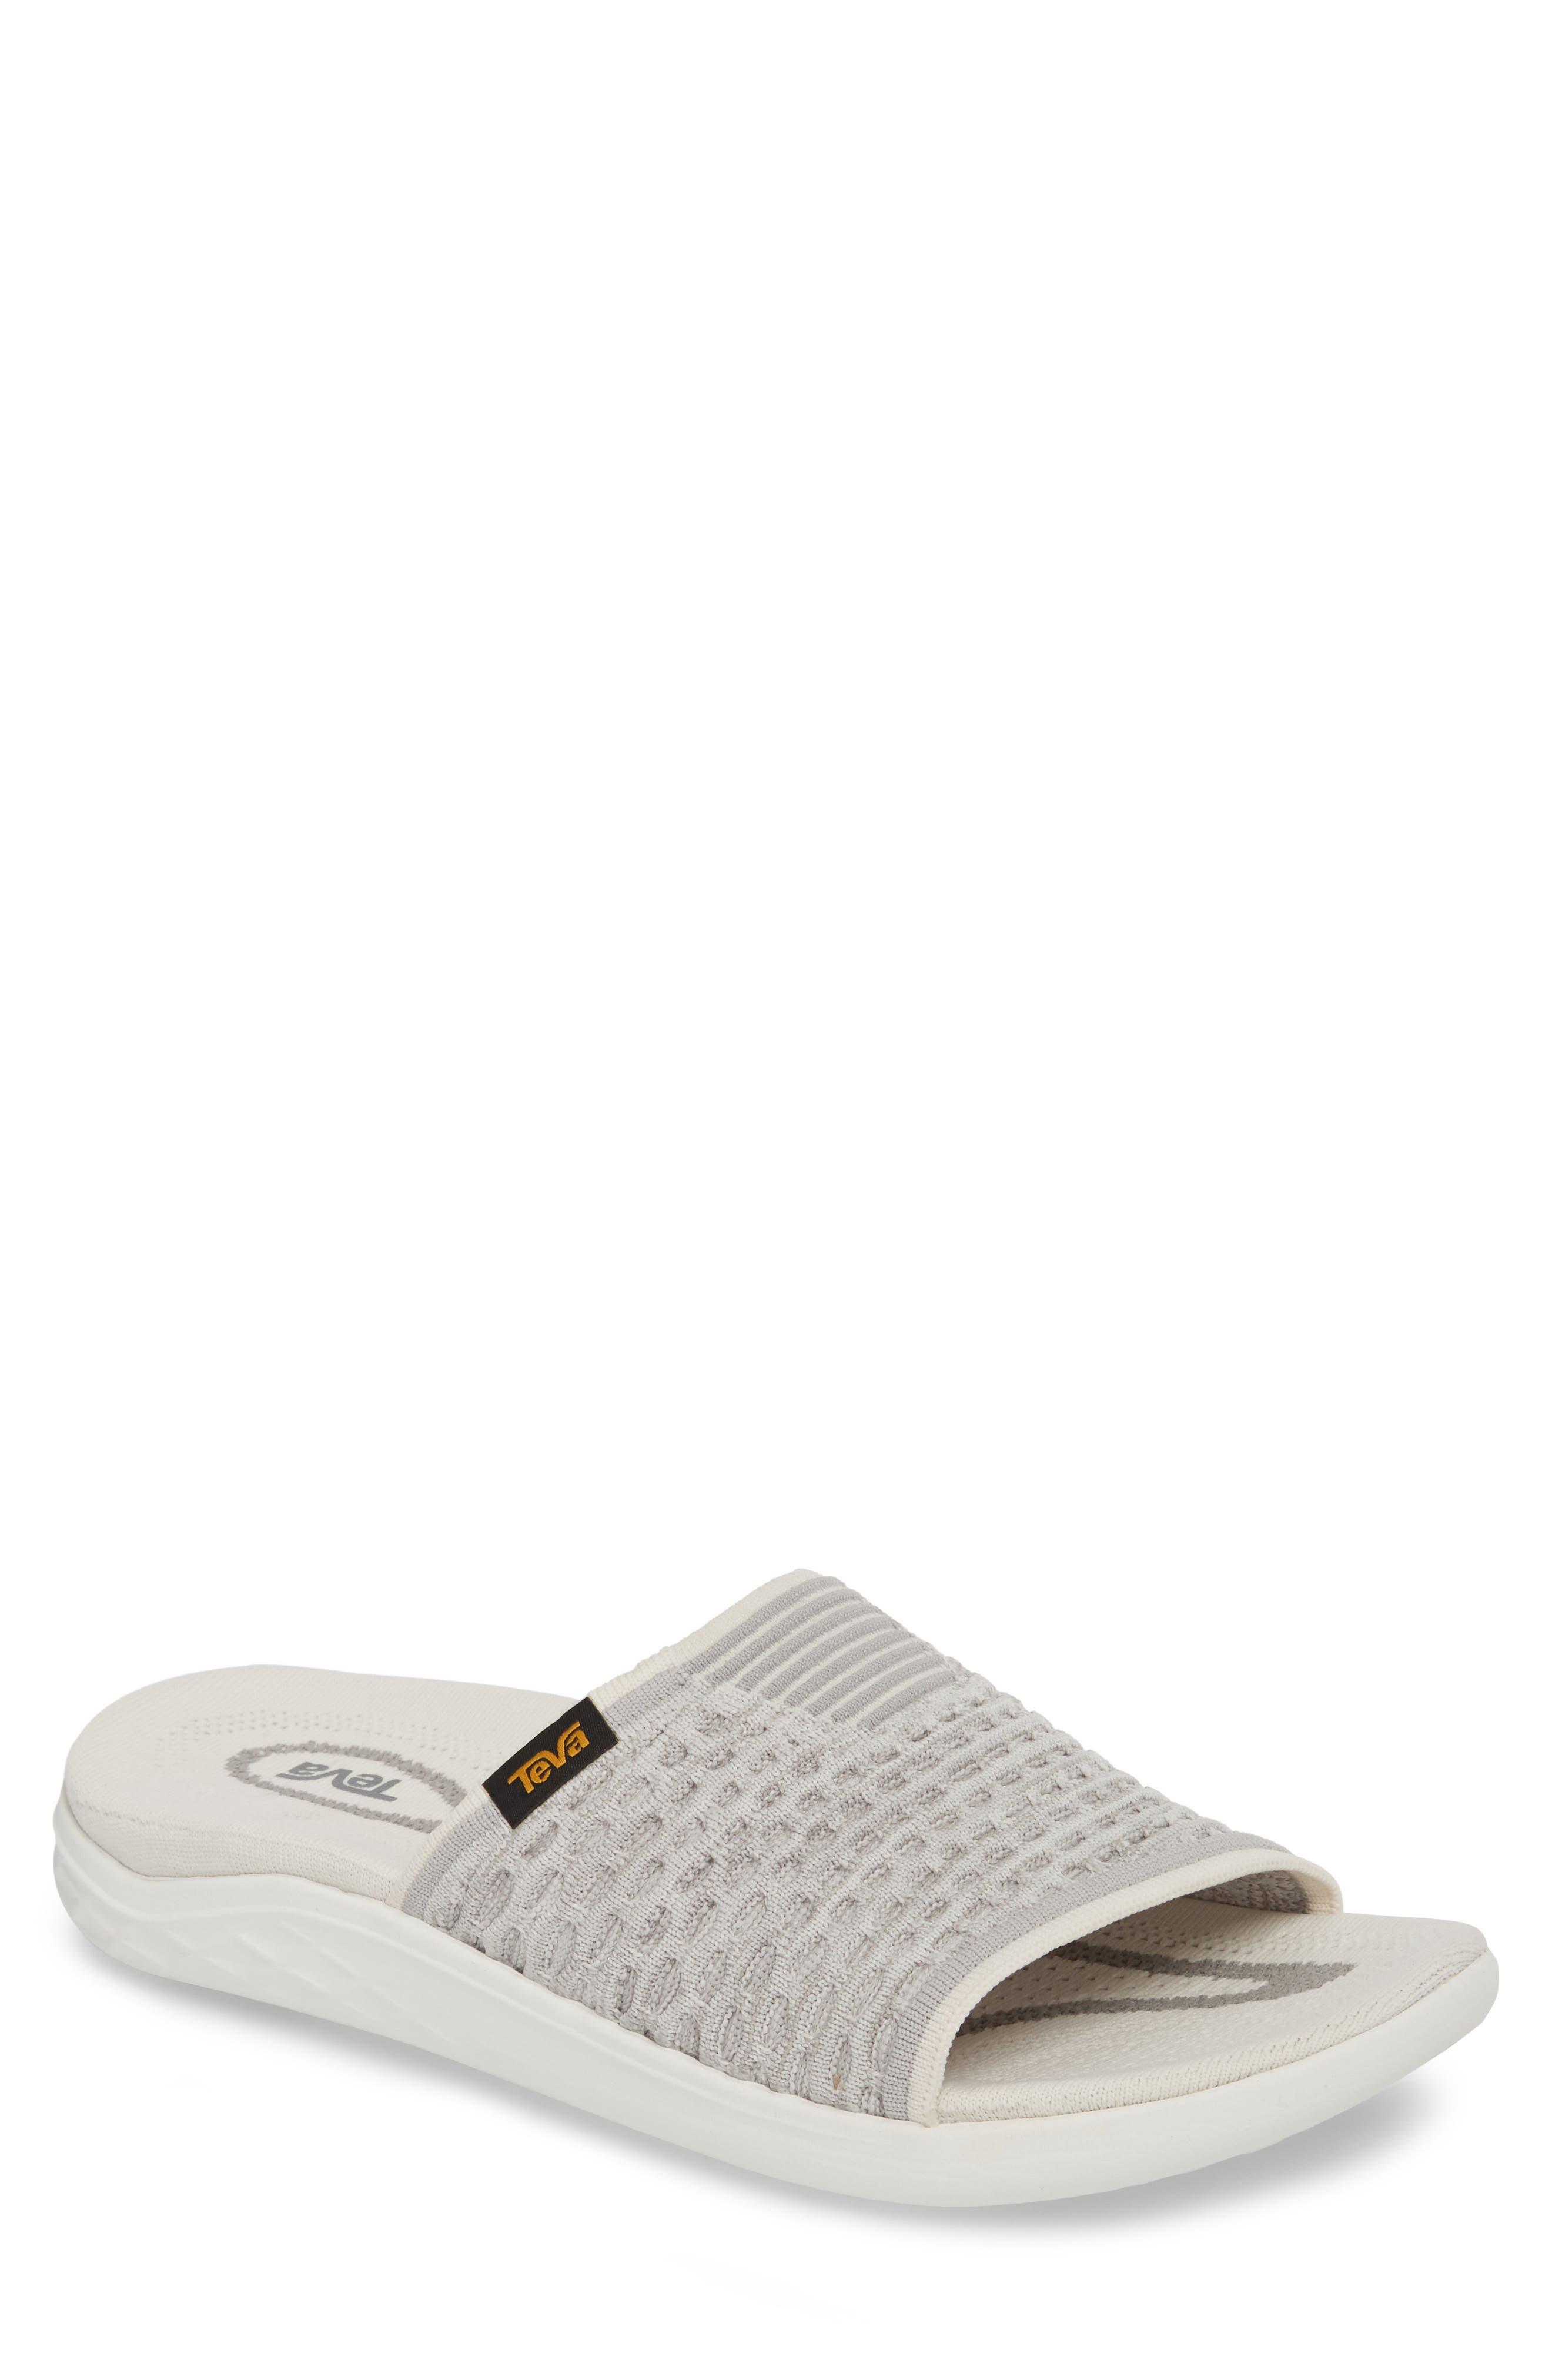 Terra-Float 2 Knit Slide Sandal,                         Main,                         color, Bright White